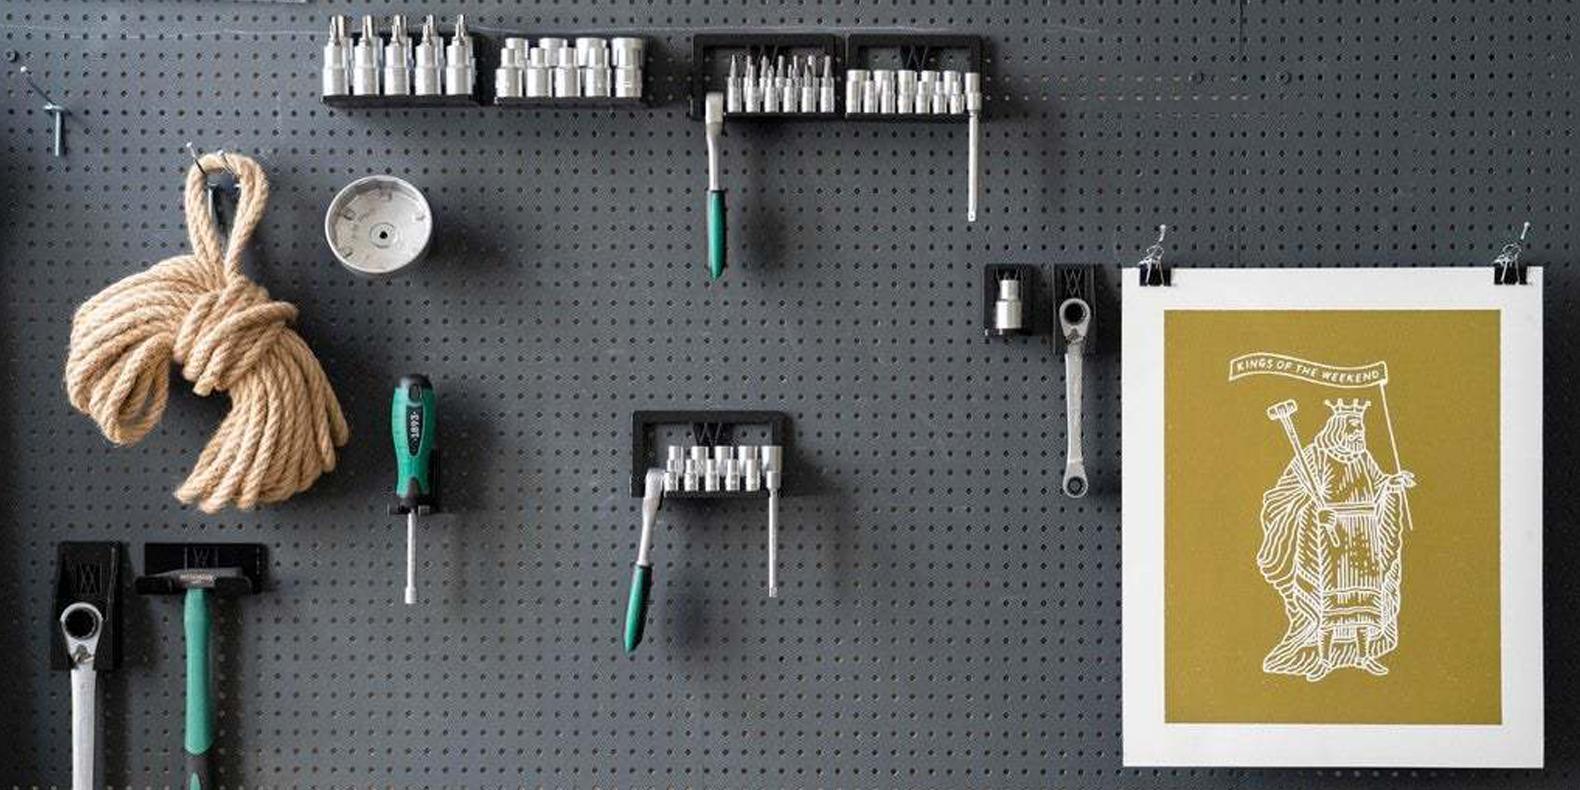 Voici une sélection des meilleurs fichiers pour imprimante 3D utiles pour organiser votre pegboard